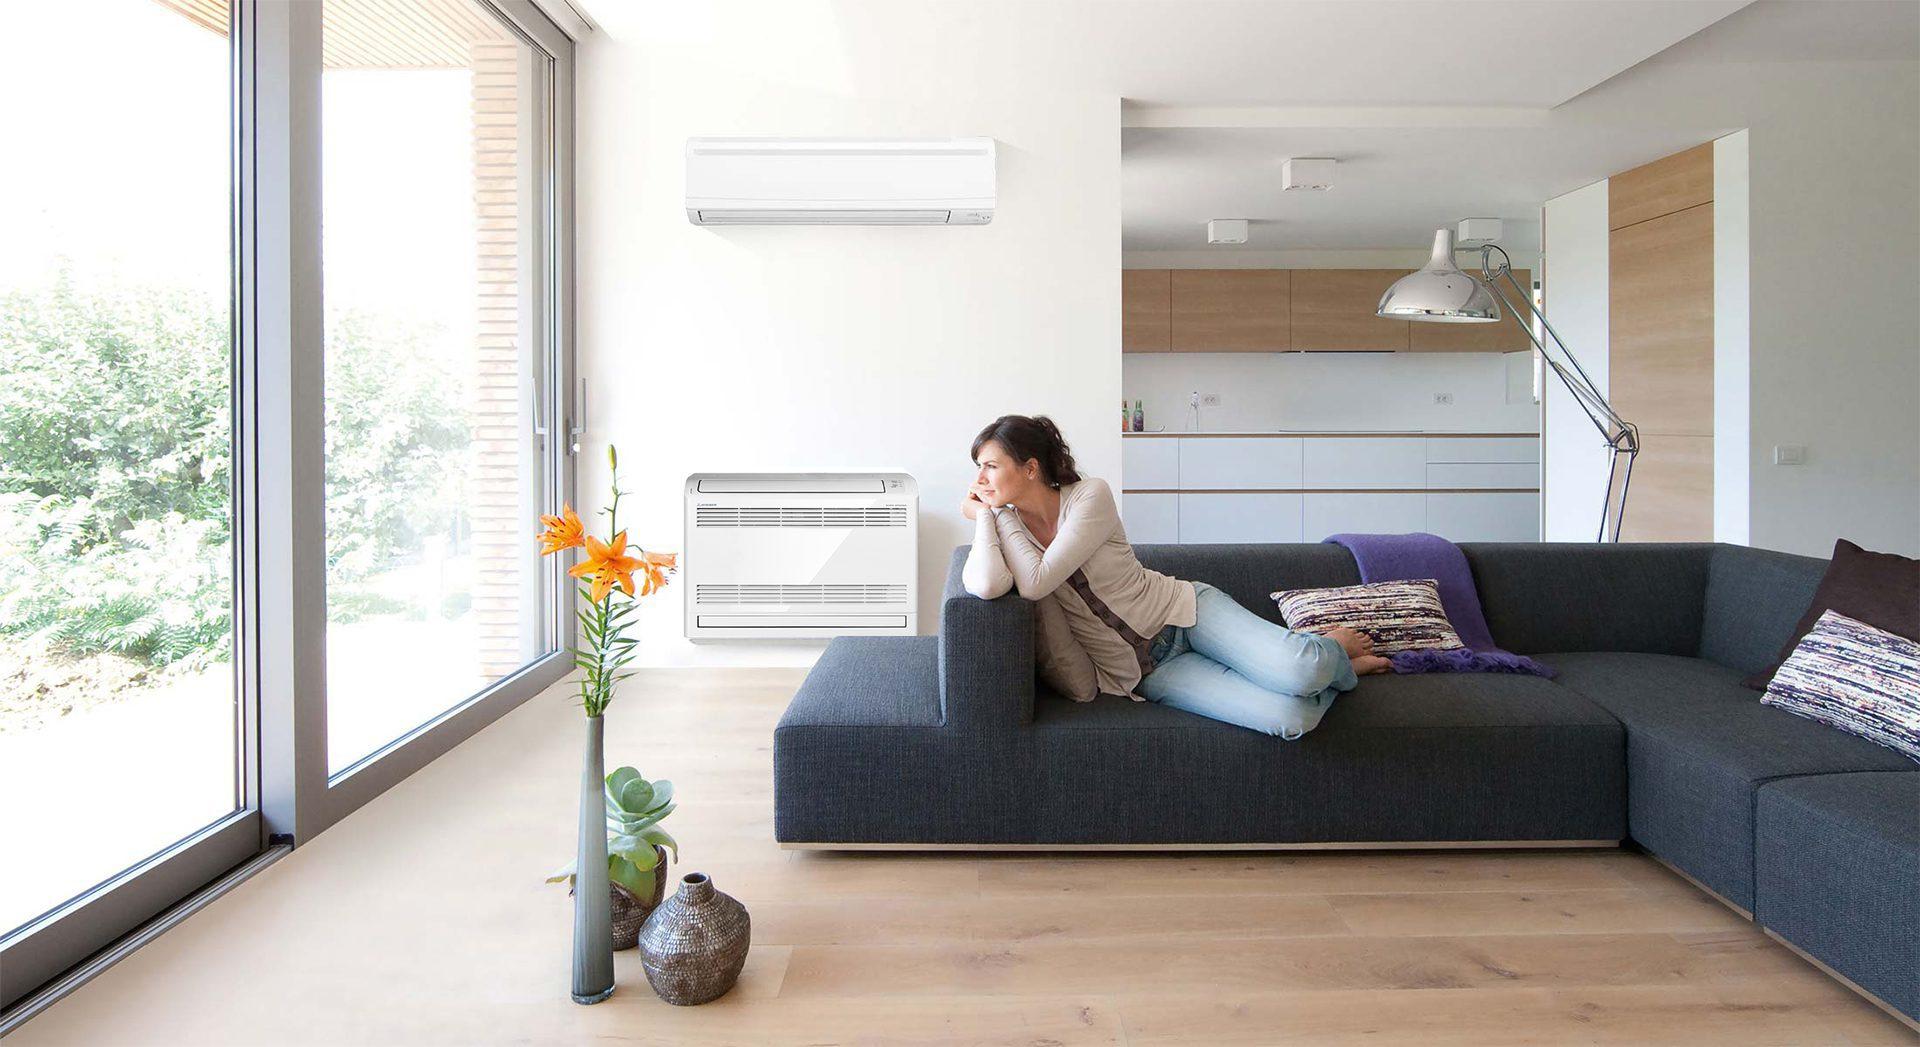 Где и как установить кондиционер в квартире